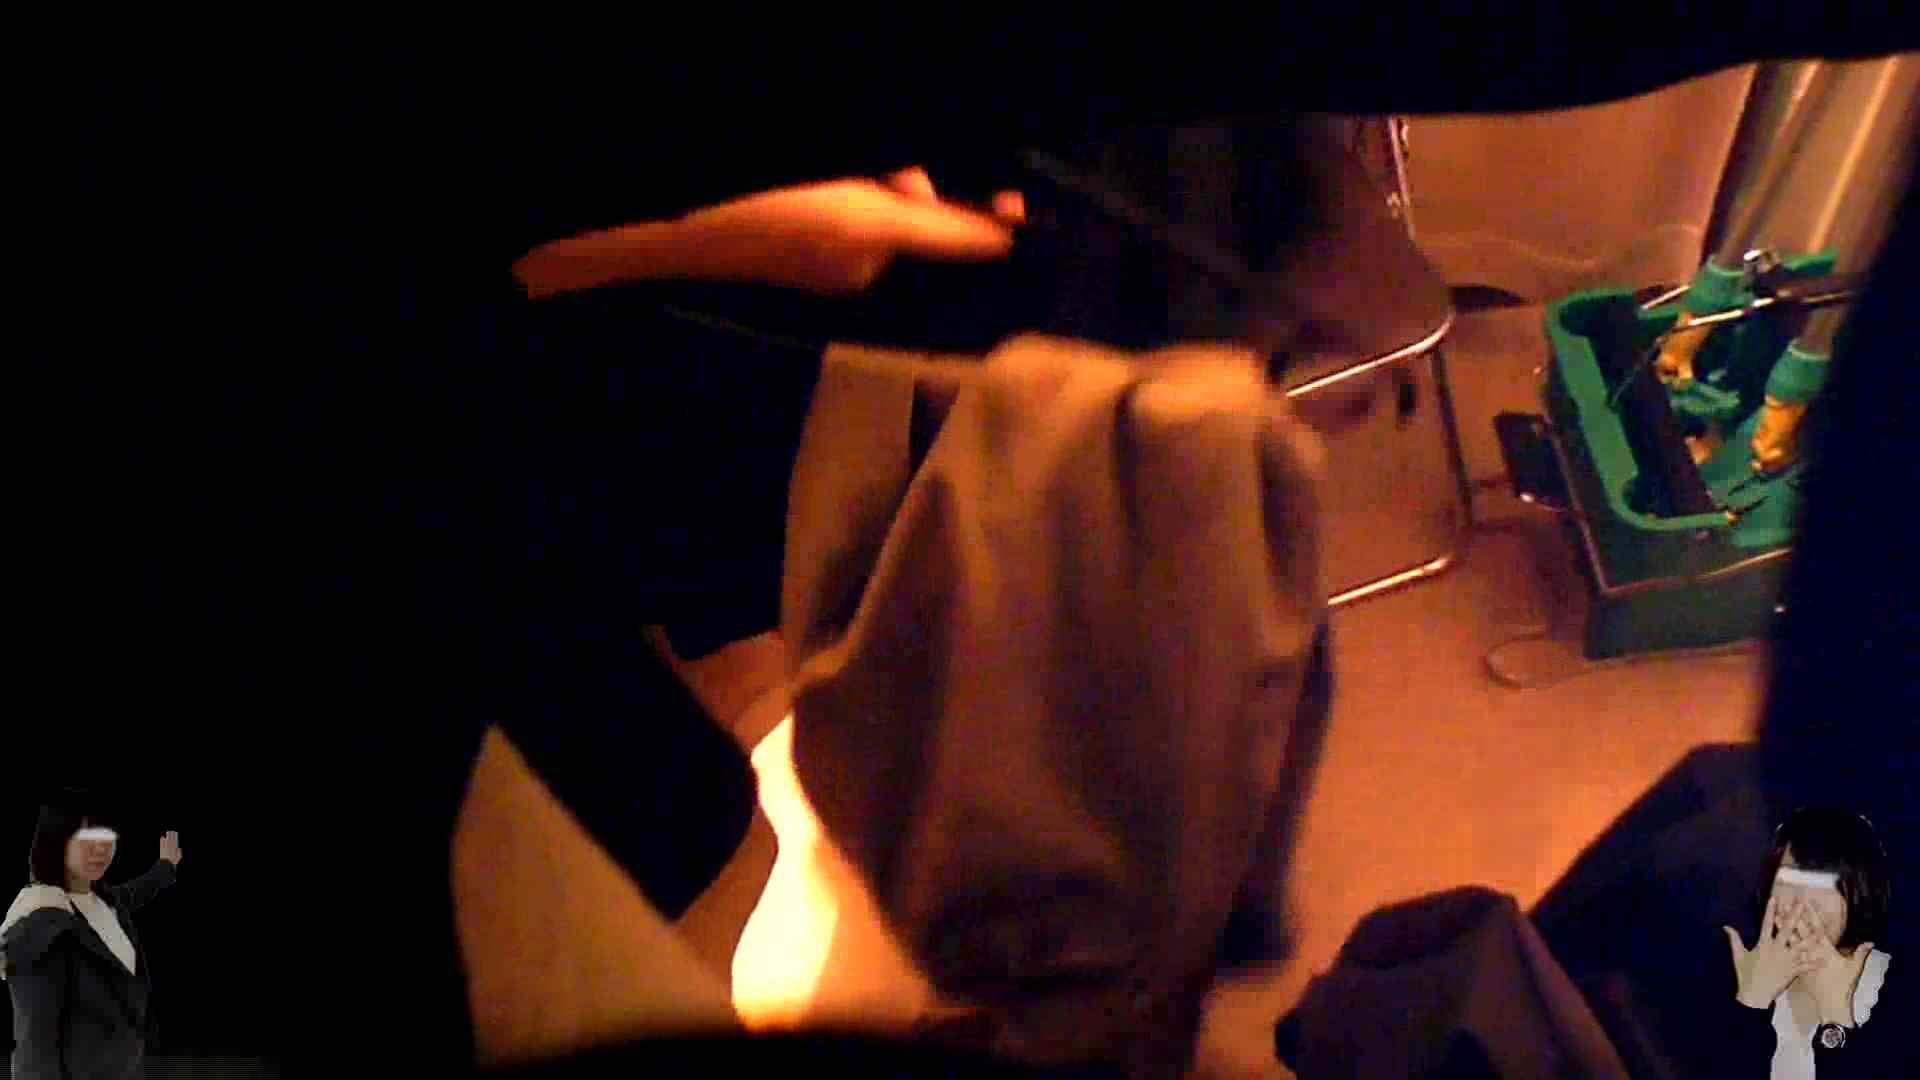 素人投稿 現役「JD」Eちゃんの着替え Vol.04 着替え おまんこ動画流出 107pic 99